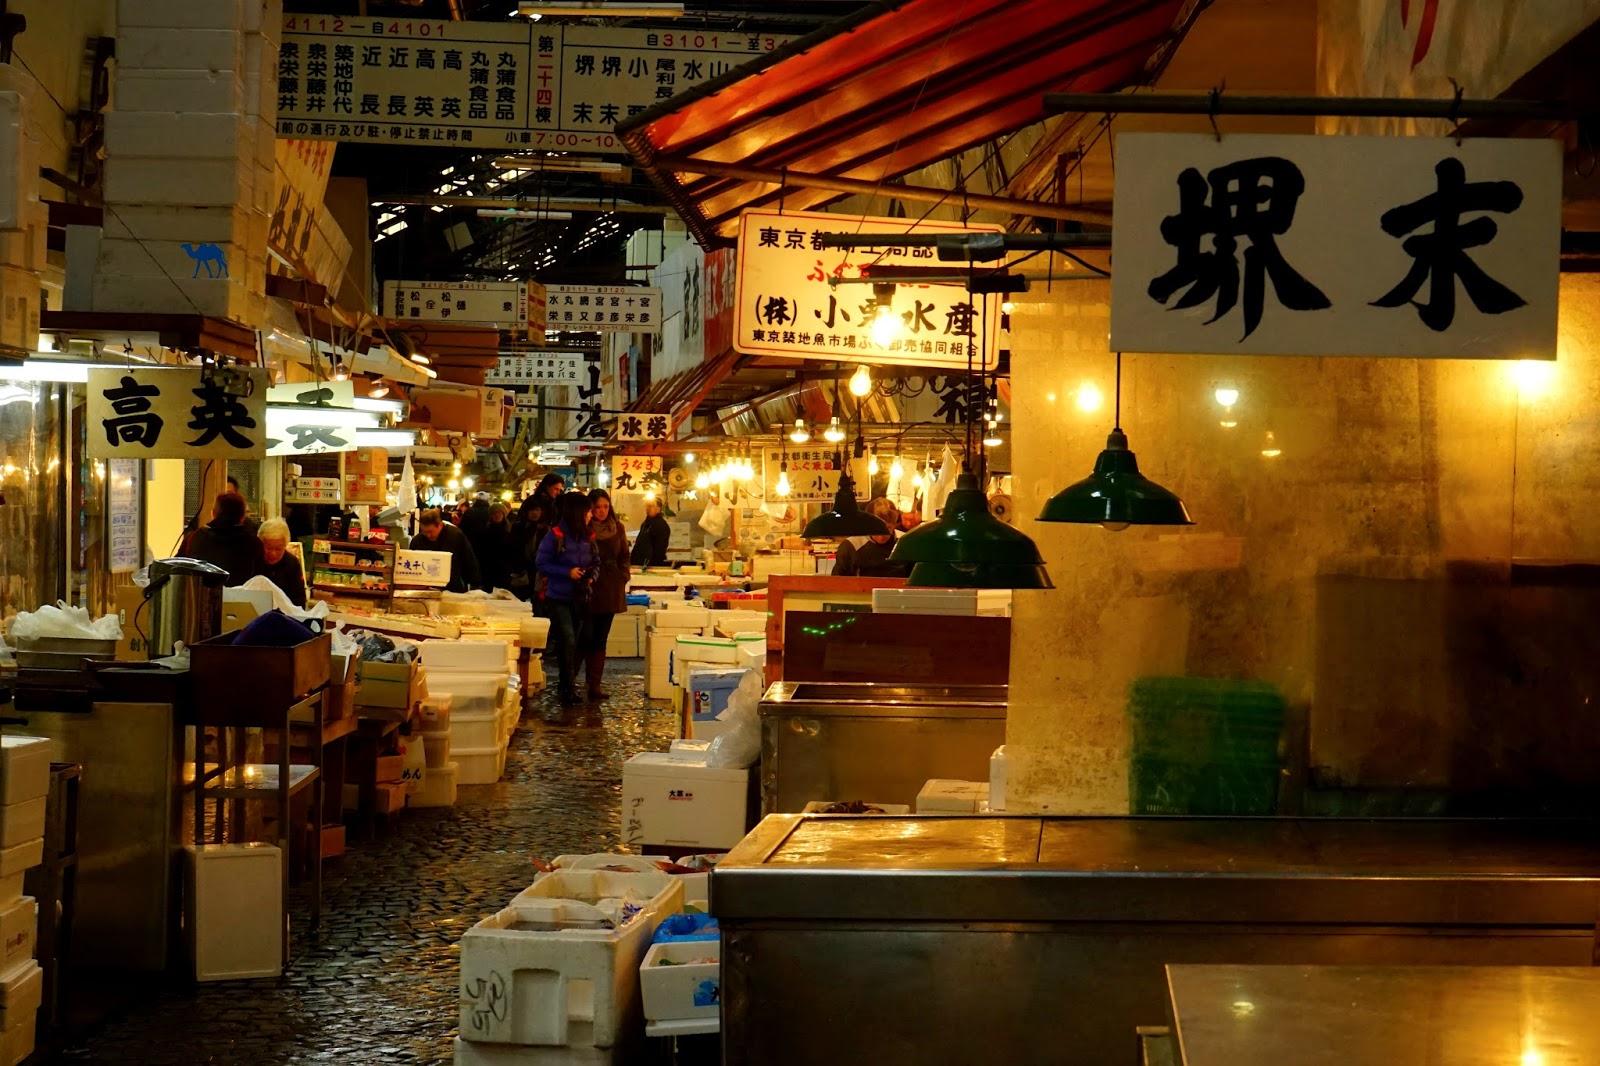 Le Chameau Bleu - Allée du marché de poisson de tokyo - Tsukiji